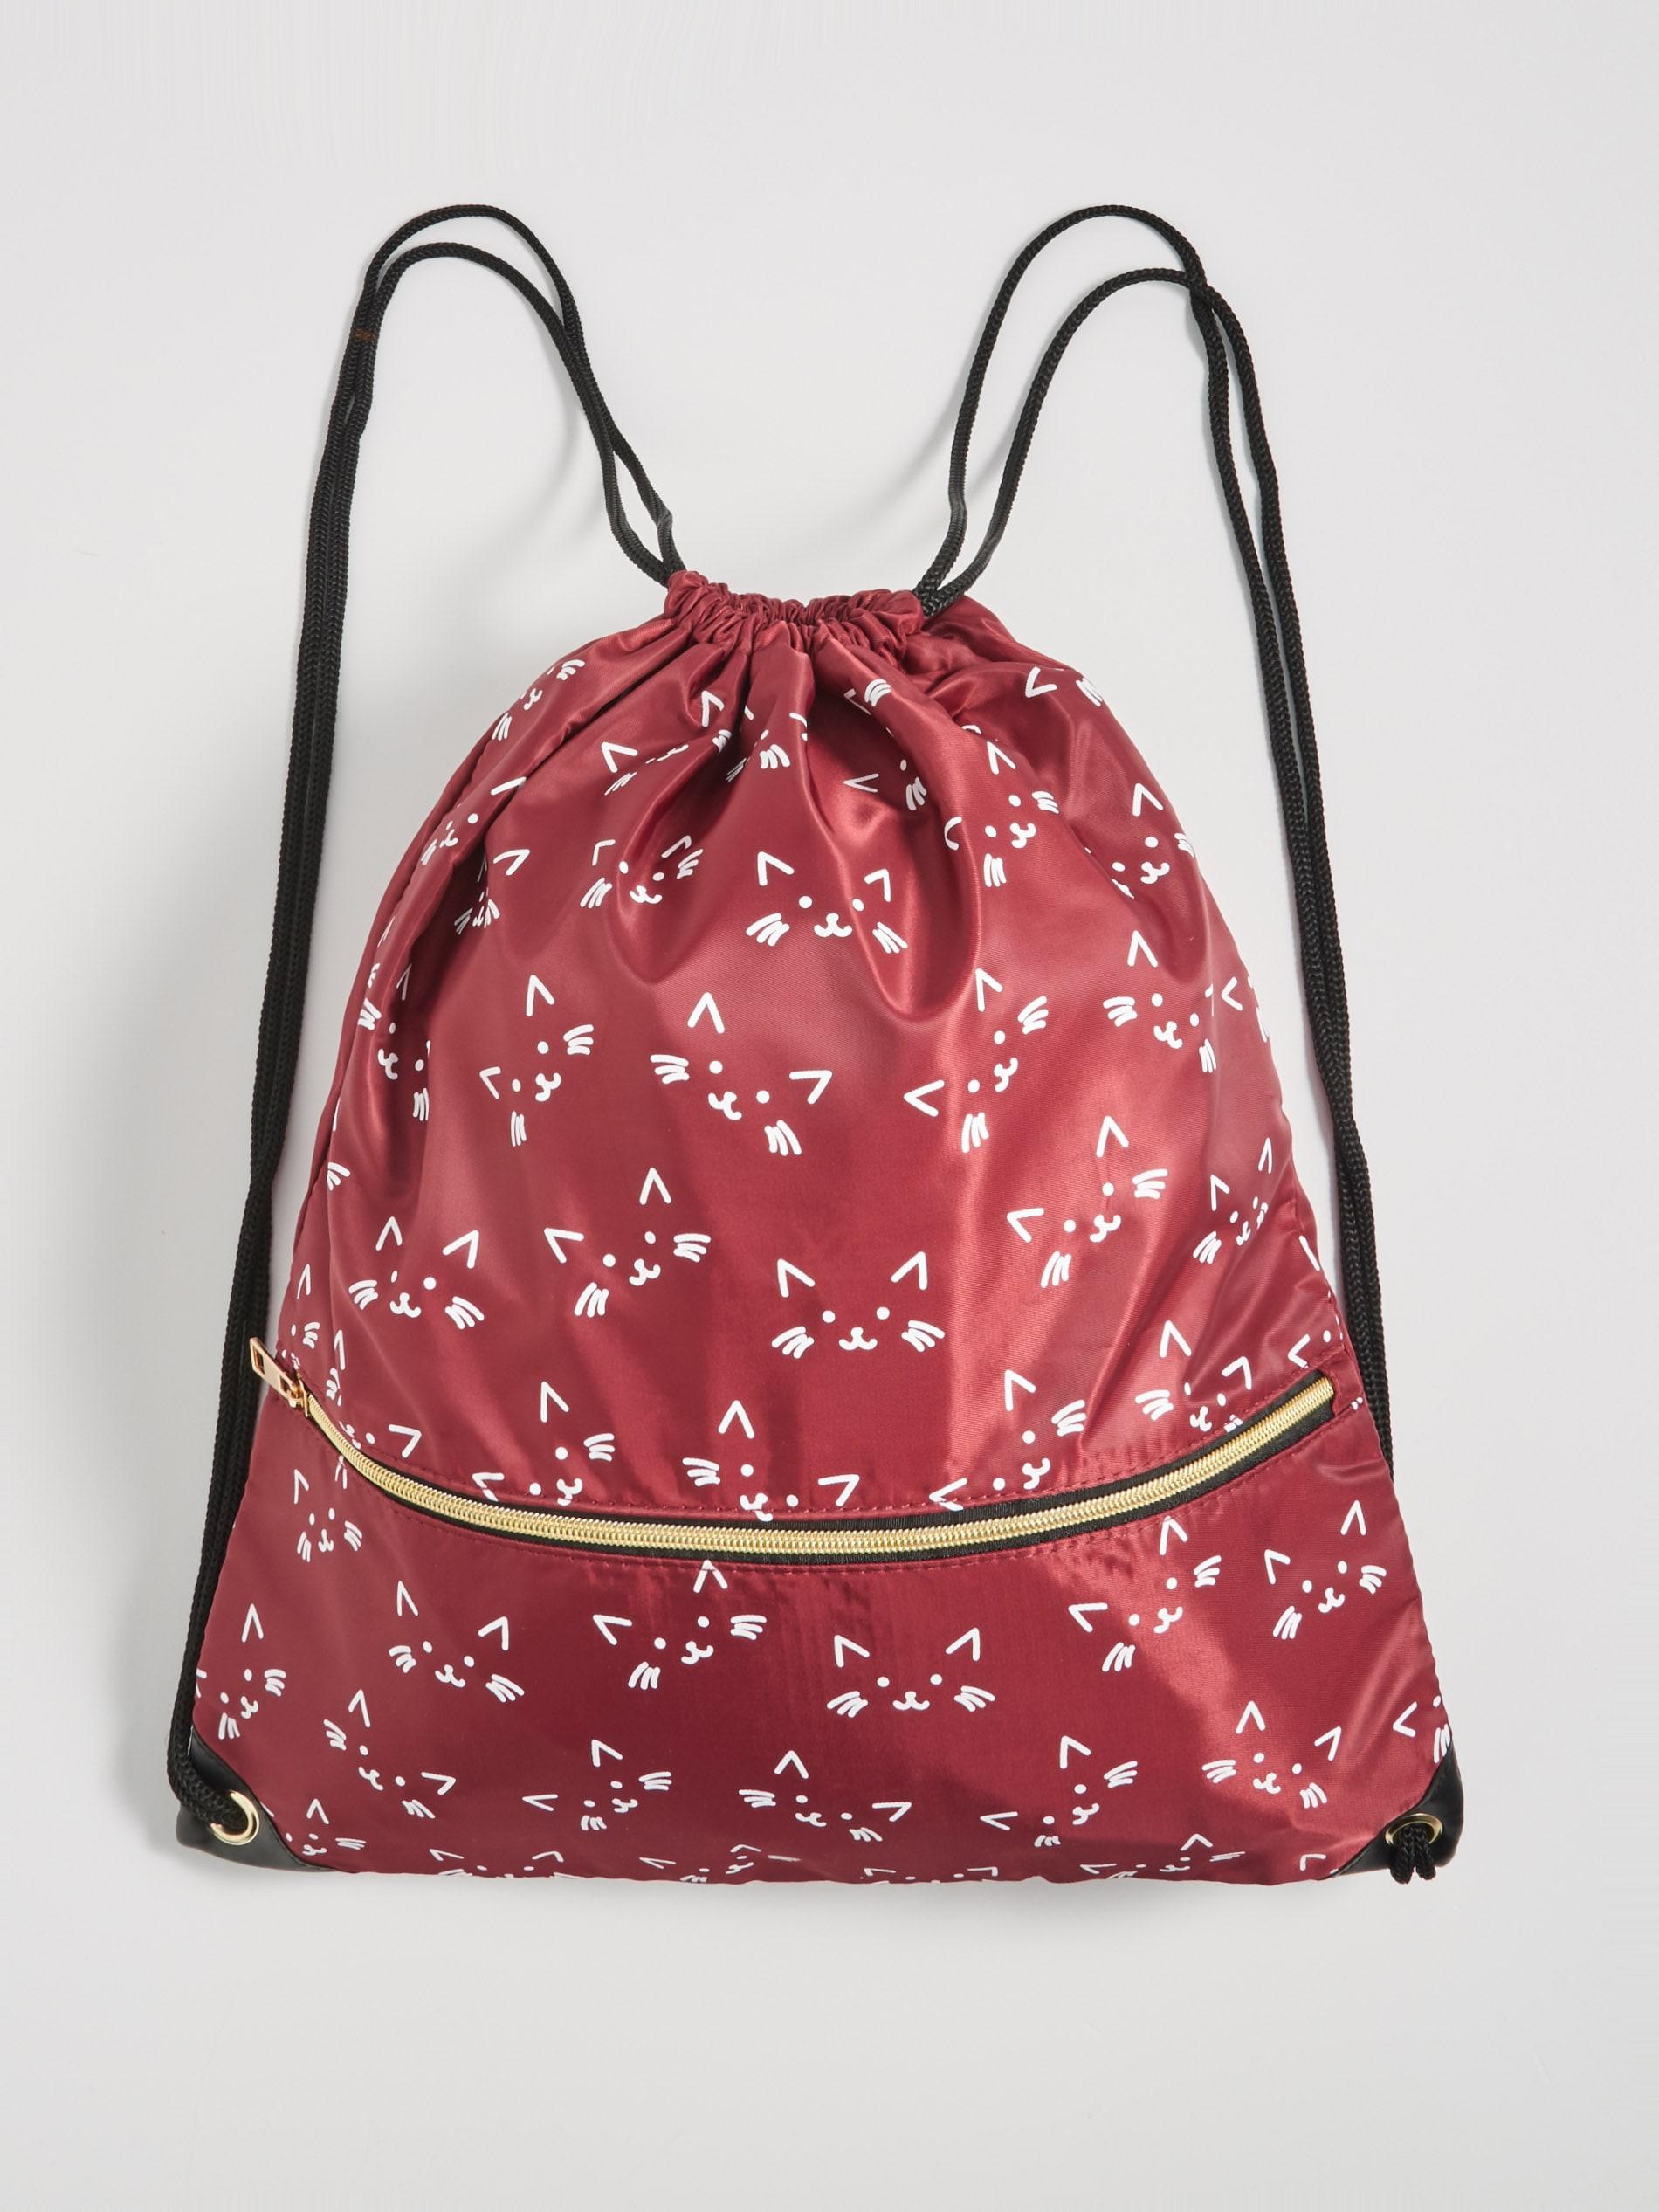 Plecak worek w koty - bordowy - WR580-83X - SINSAY - 2